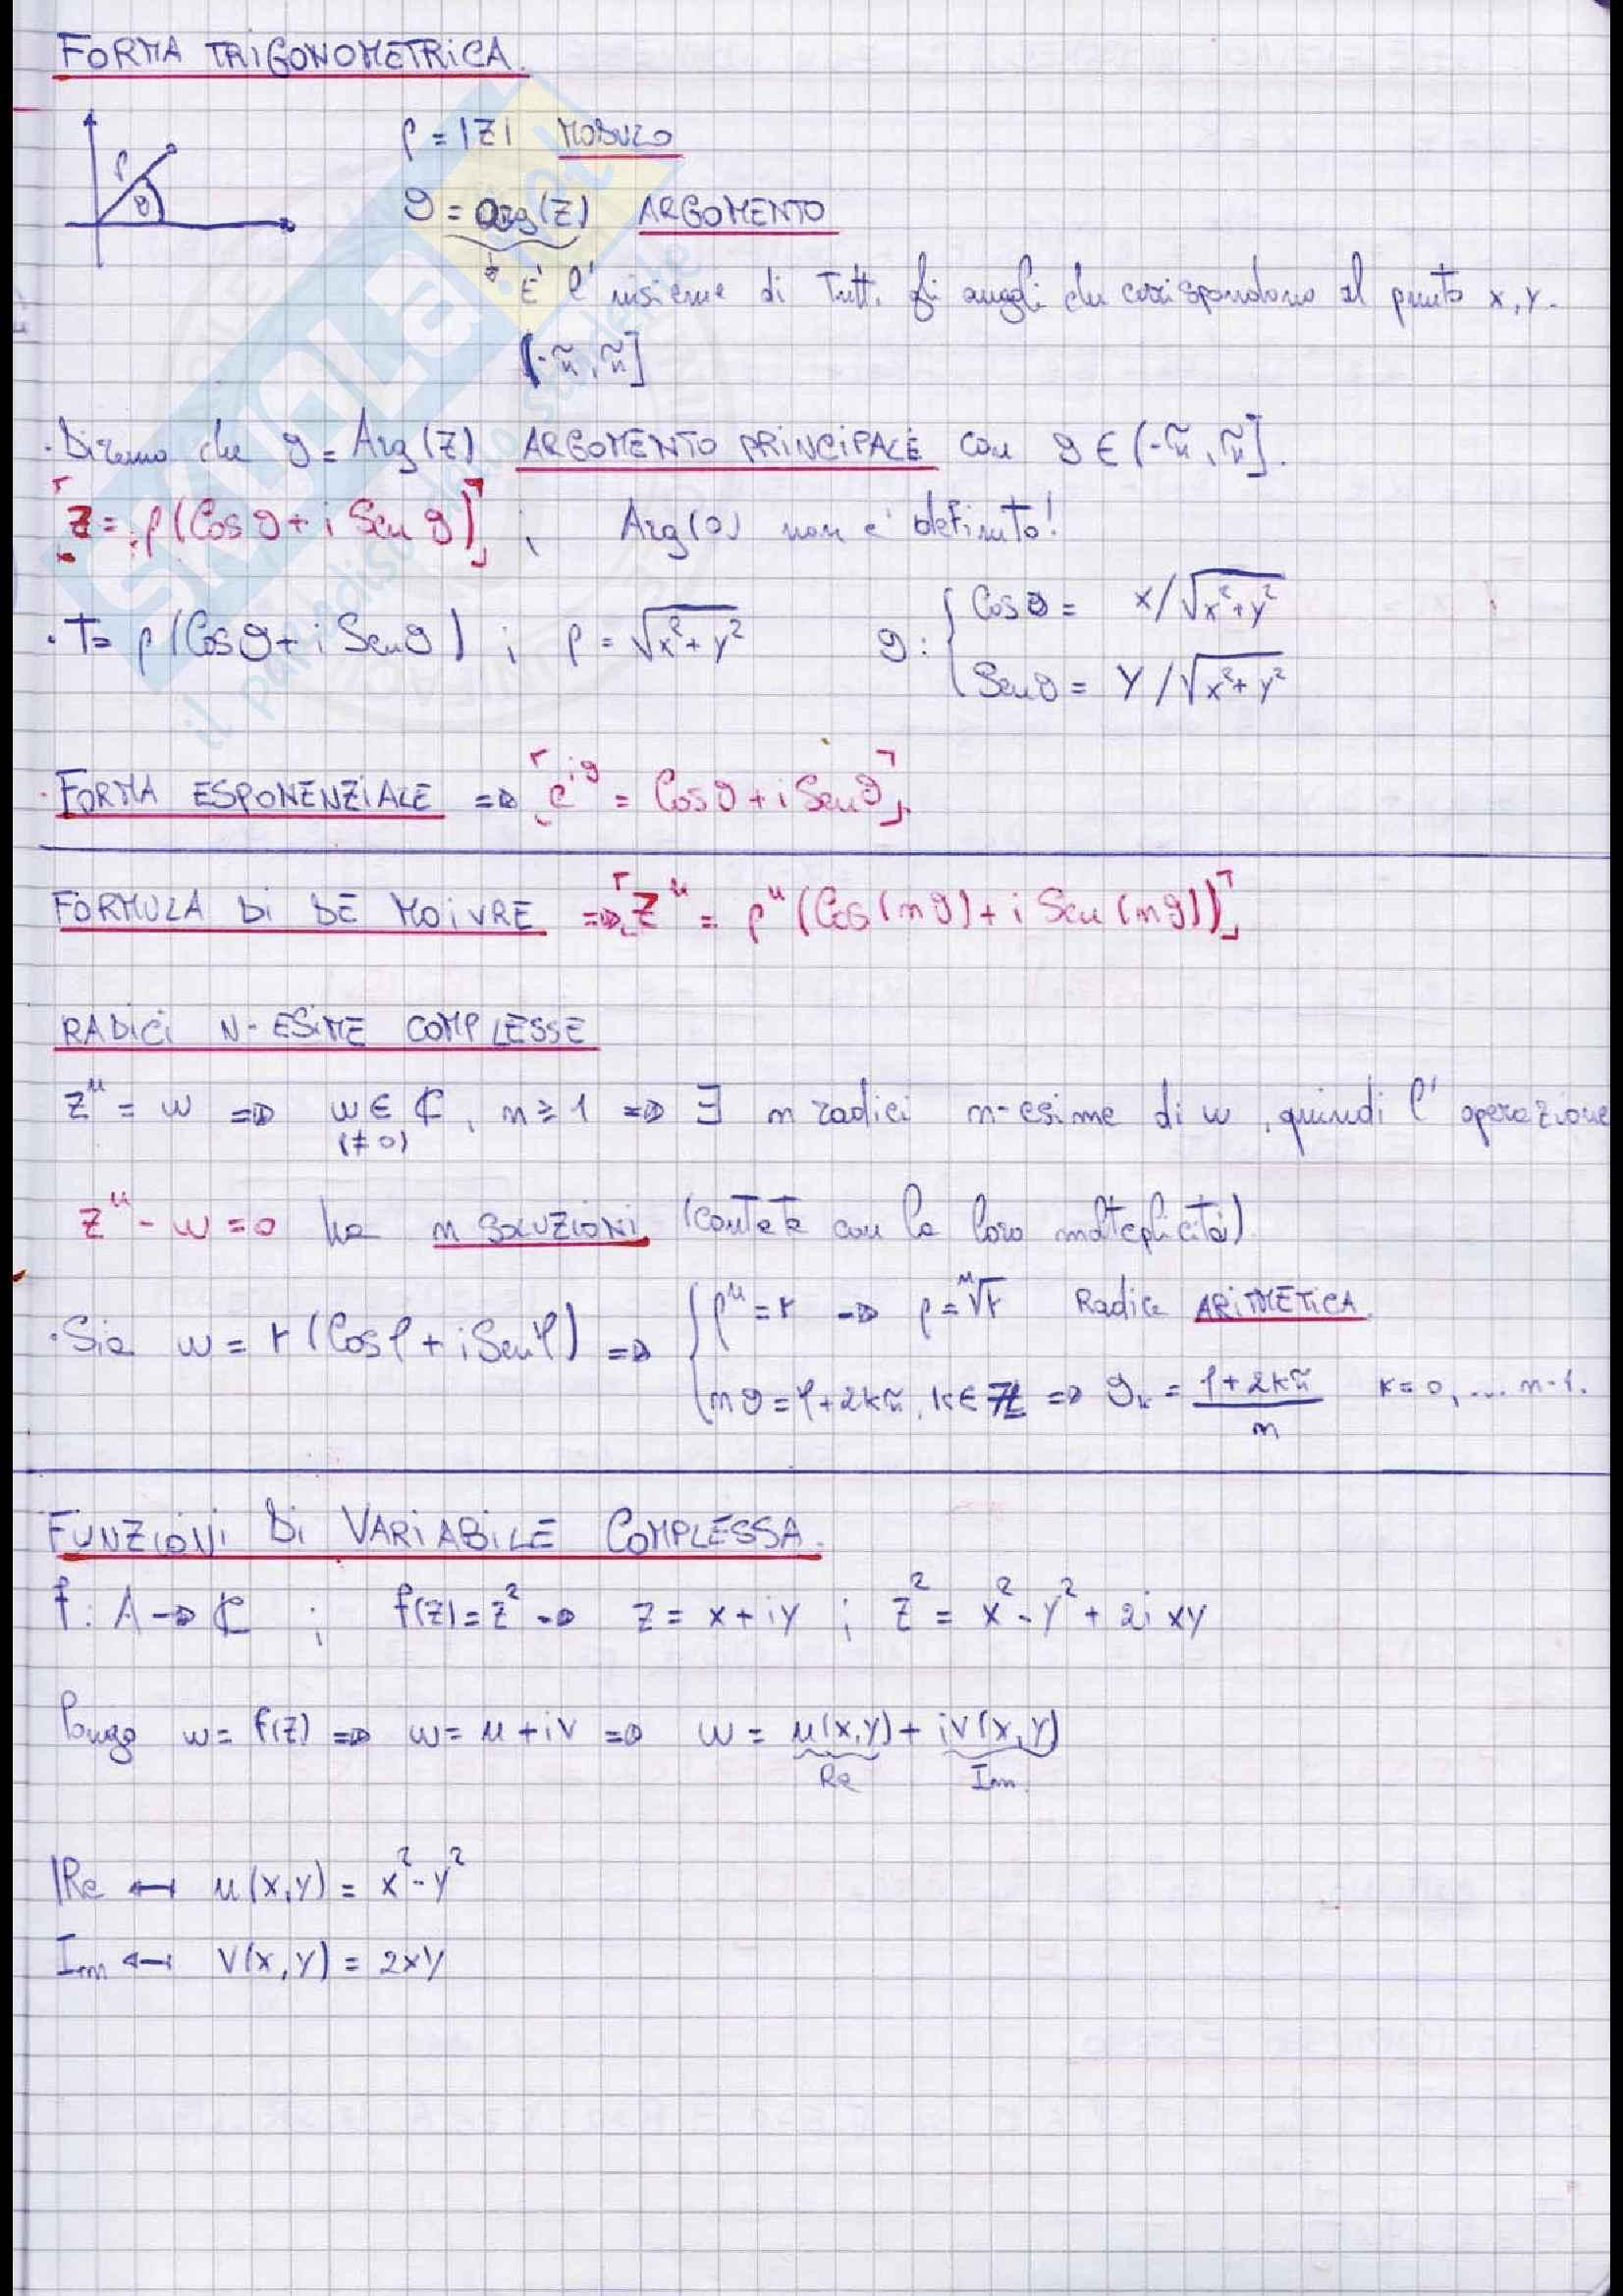 Appunti Lezioni Completi Teoria analisi 2 Pag. 2